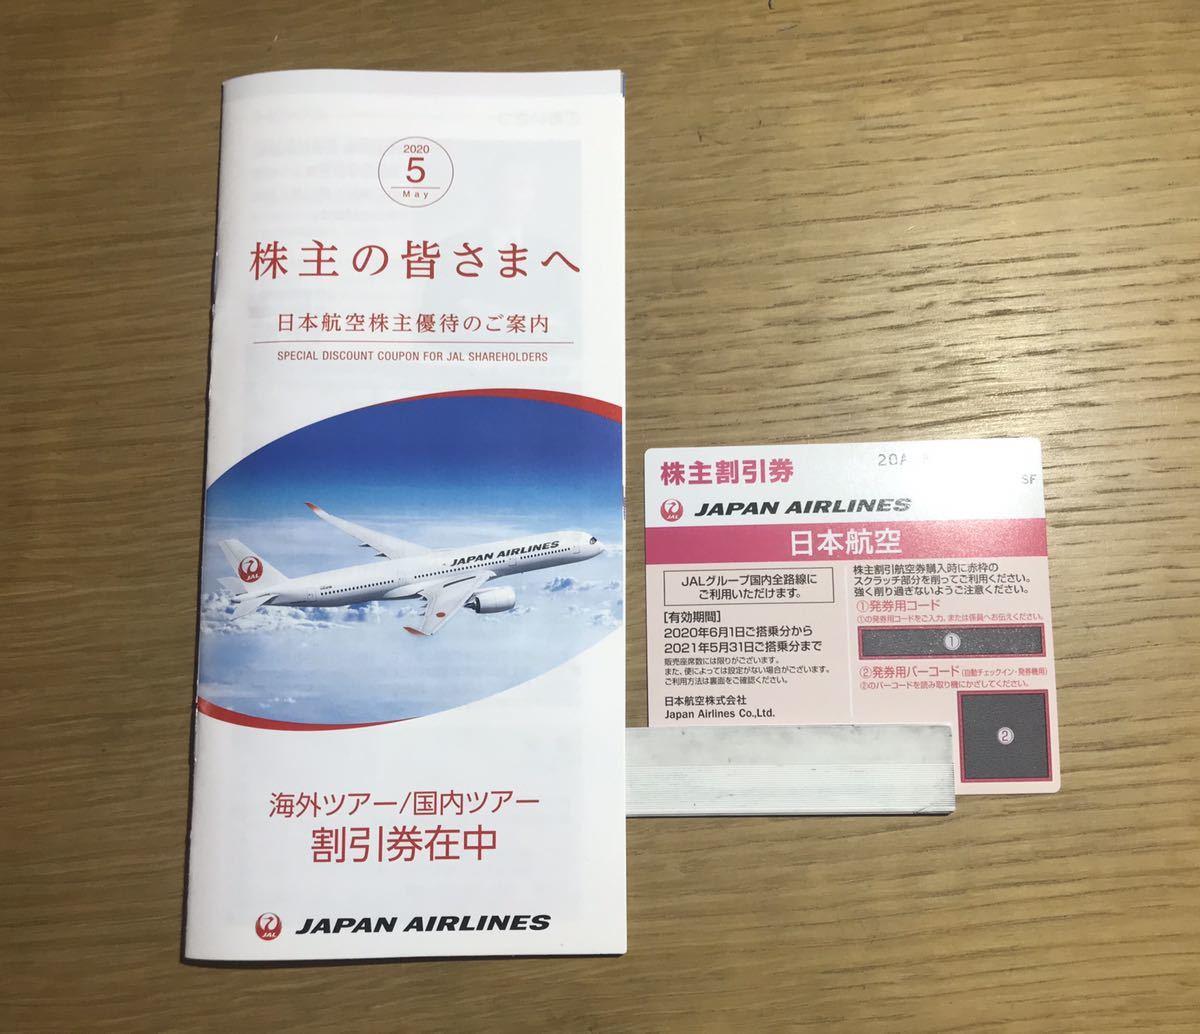 JAL 日本航空 株主優待券 1枚 2021.5.31迄 匿名配送 追跡可 海外ツアー/国内ツアー割引券 送料無料 株主優待 送料込み_画像1